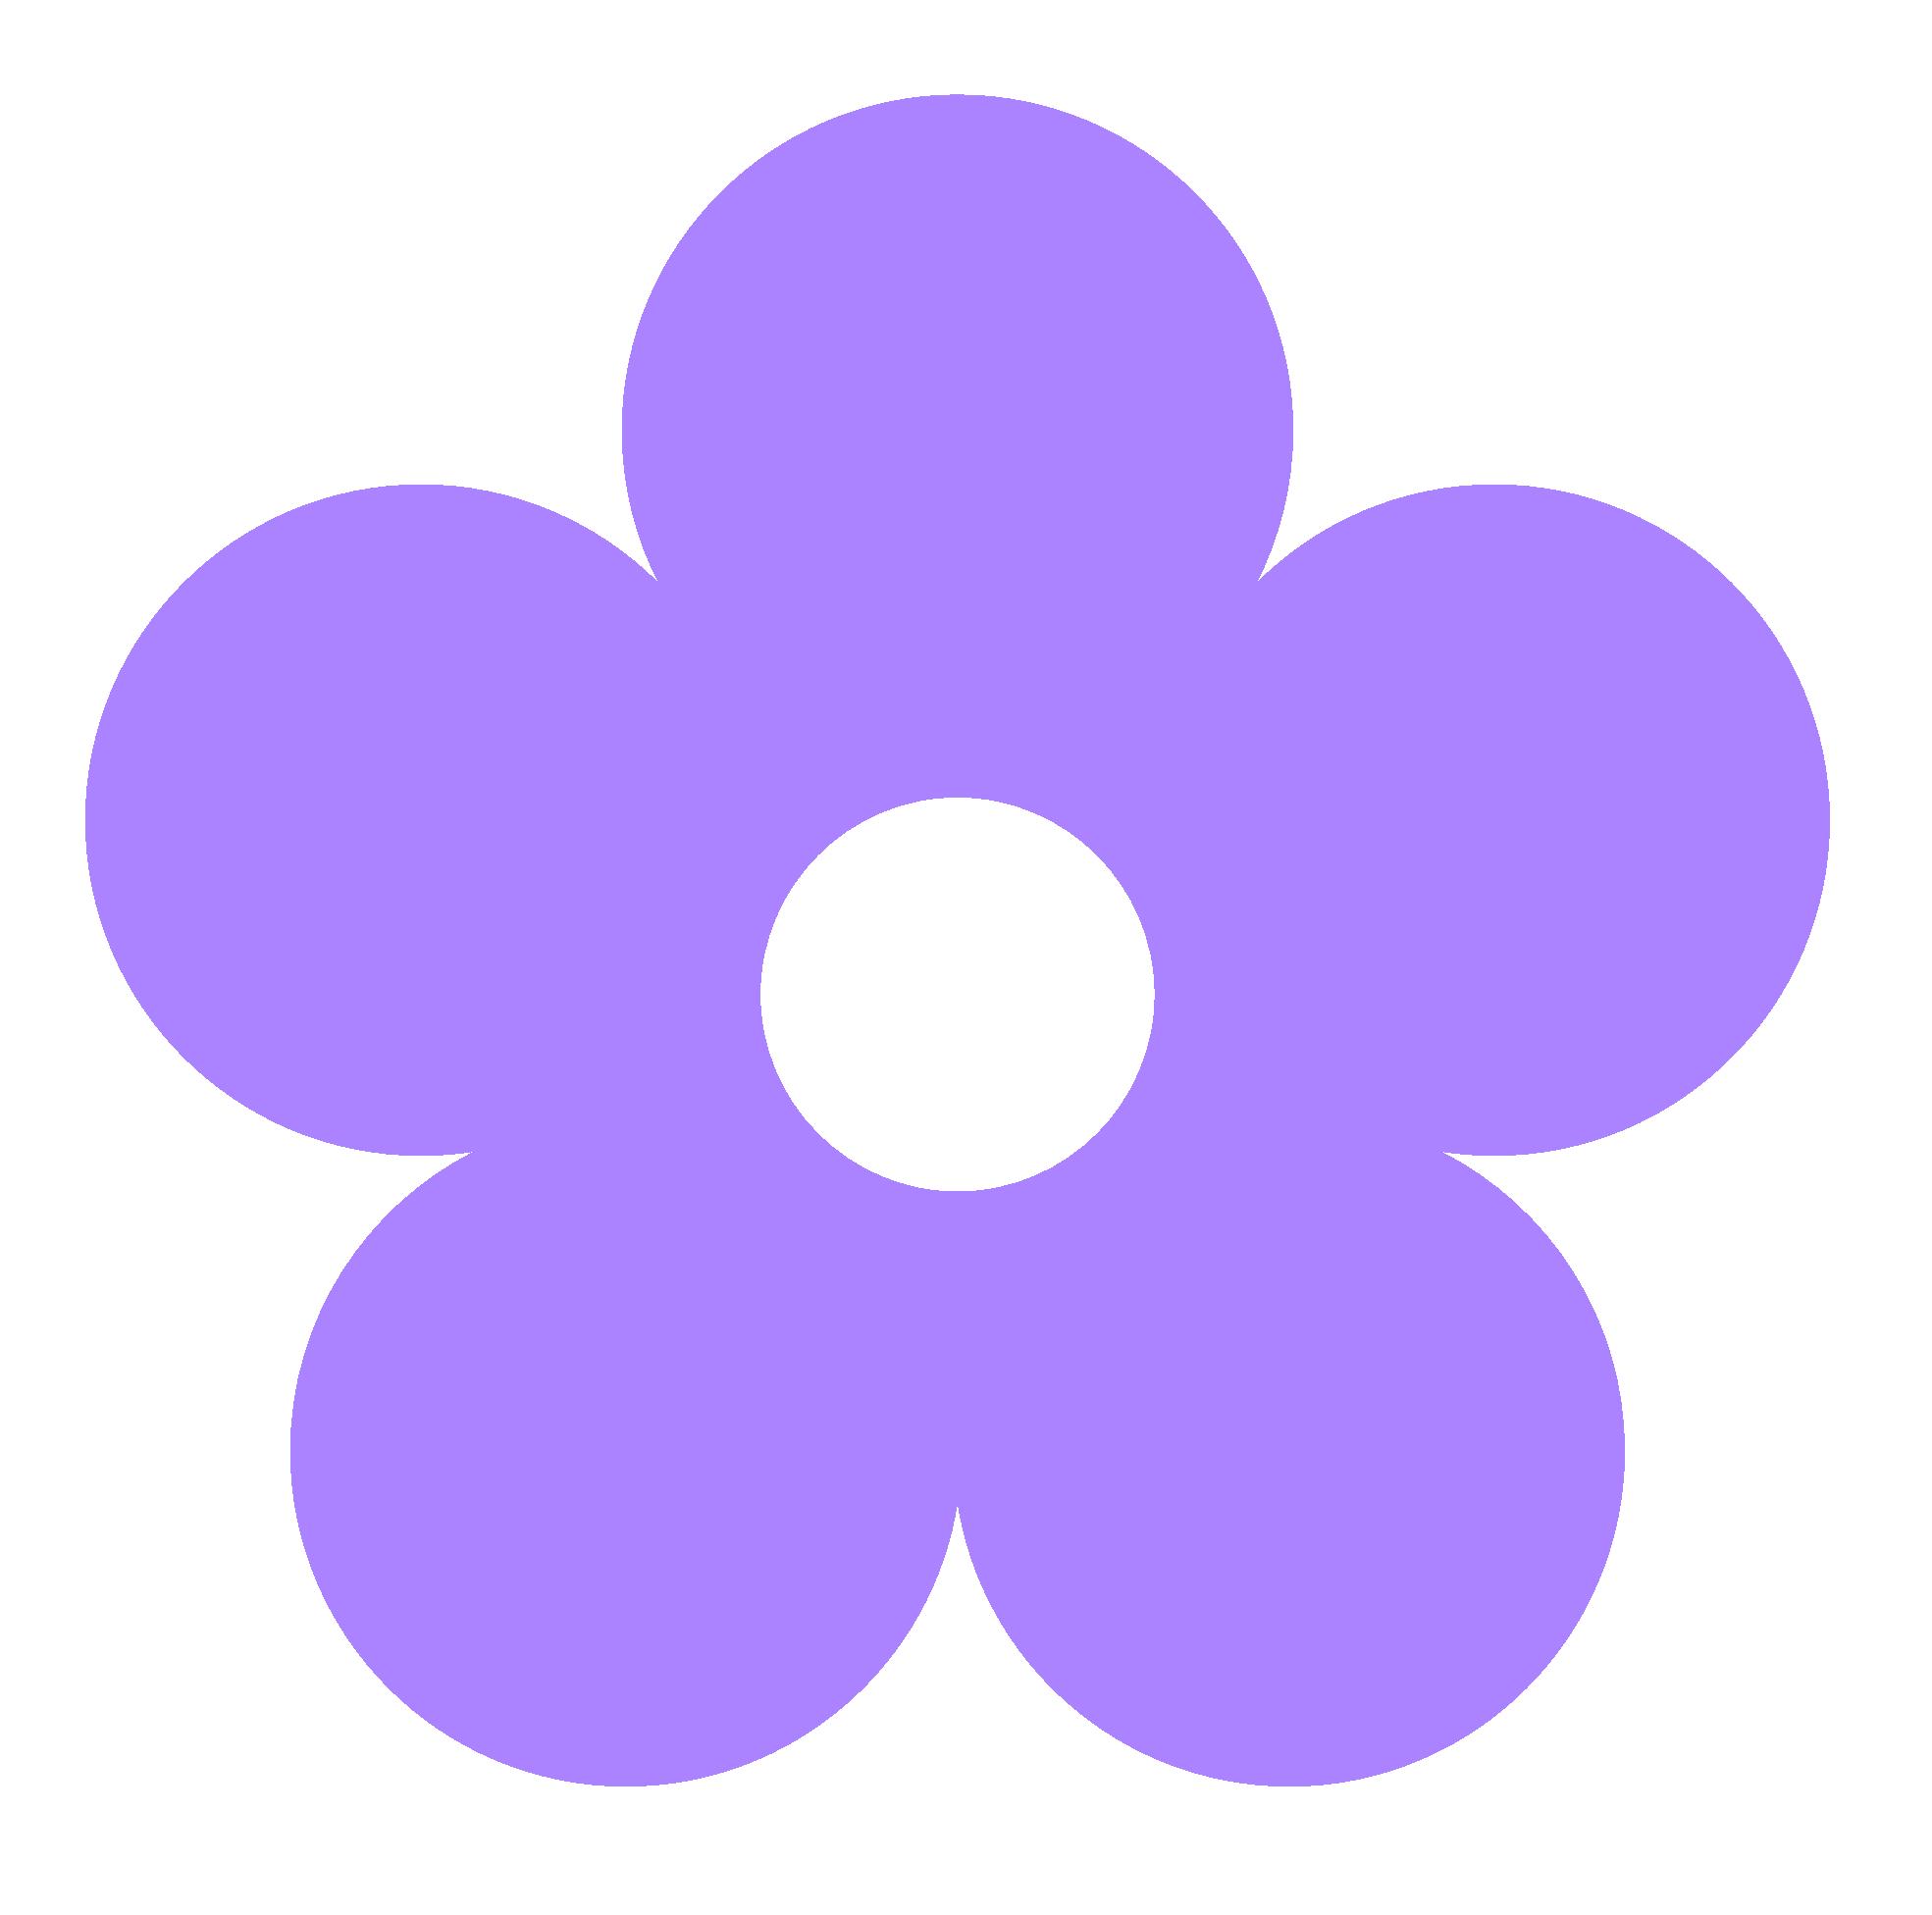 Purple Flower Clip Art | Clipart Panda - Free Clipart Images